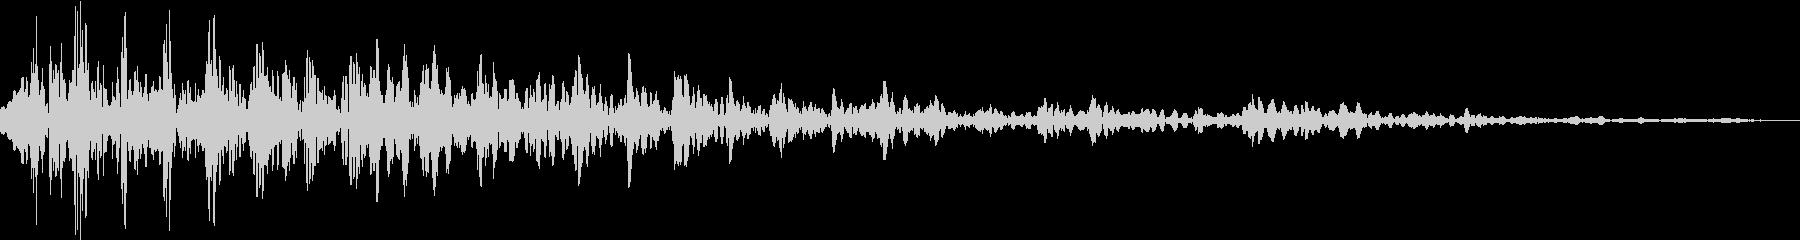 ライオンの鳴き声(唸り声)の未再生の波形